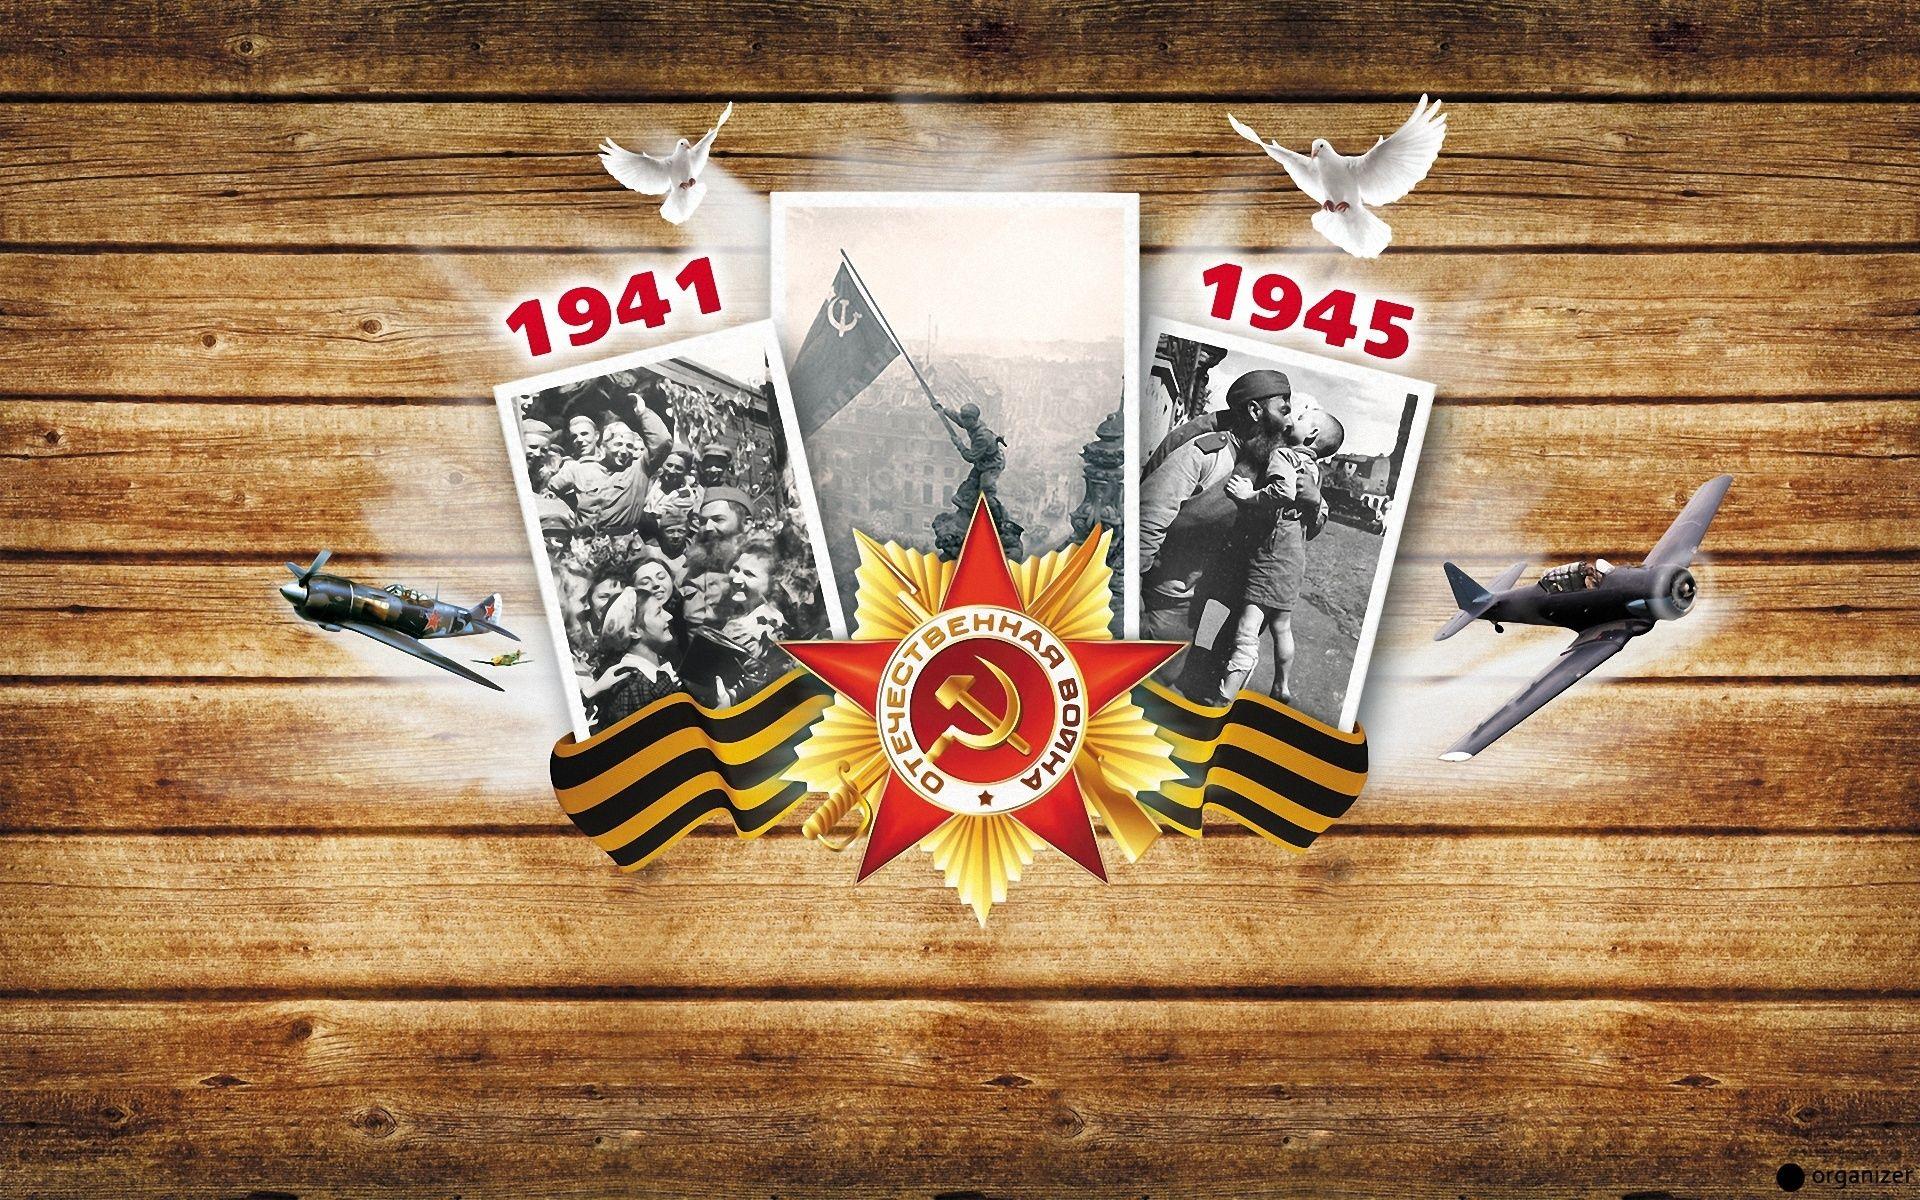 C:\Users\Пользователь\Desktop\фото о войне\vov_data_1941_1945_1920x1200.jpg